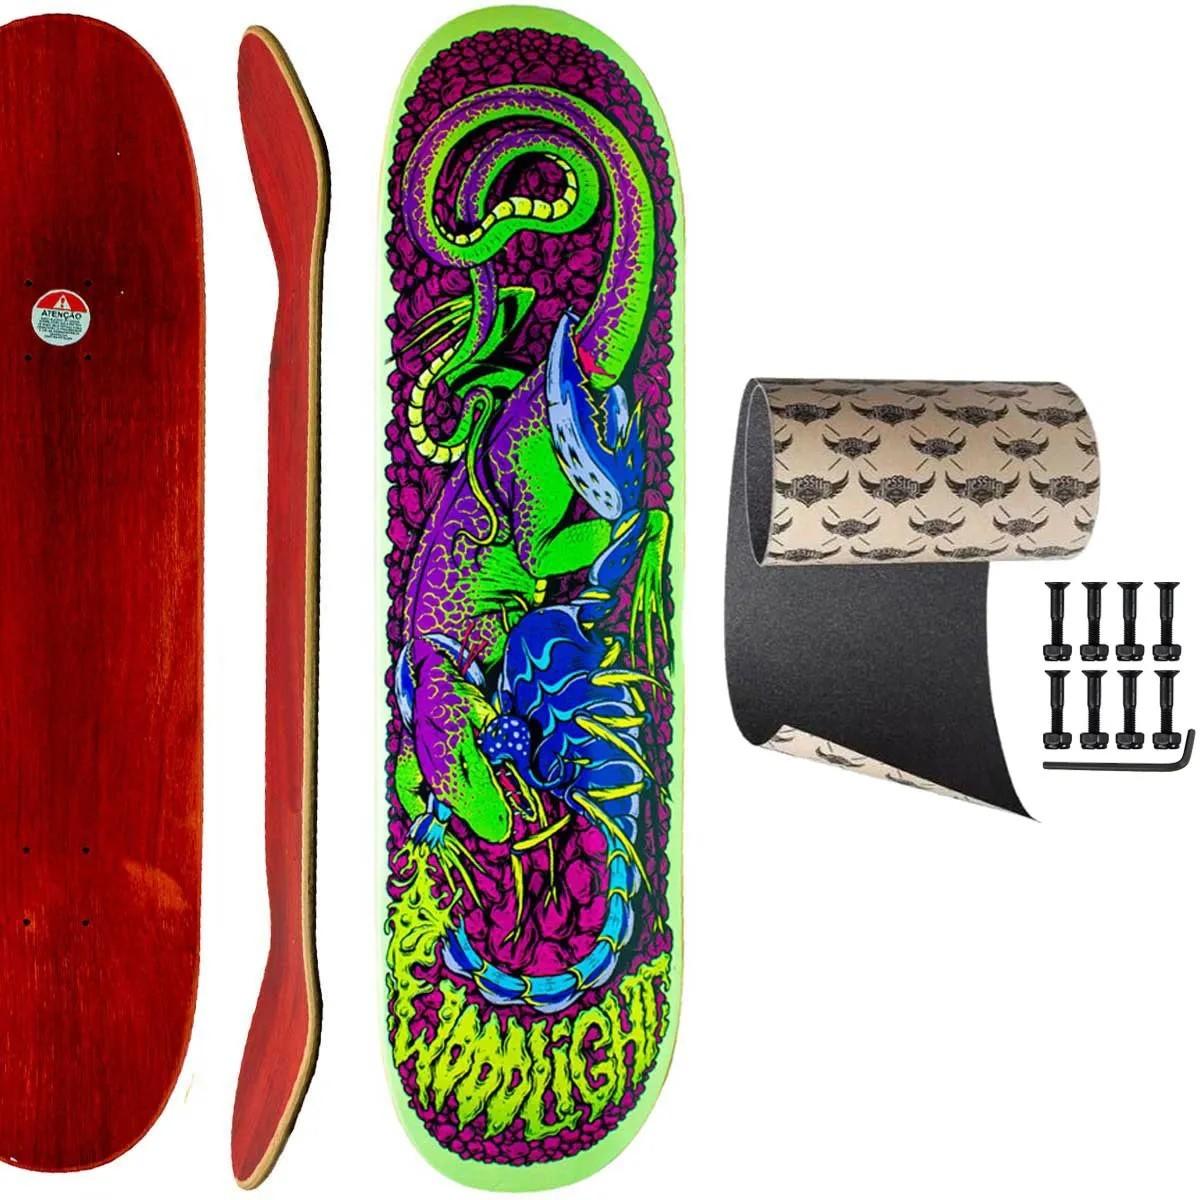 Shape Skate Woodlight 8.0 com Lixa Jessup Parafuso porca 10